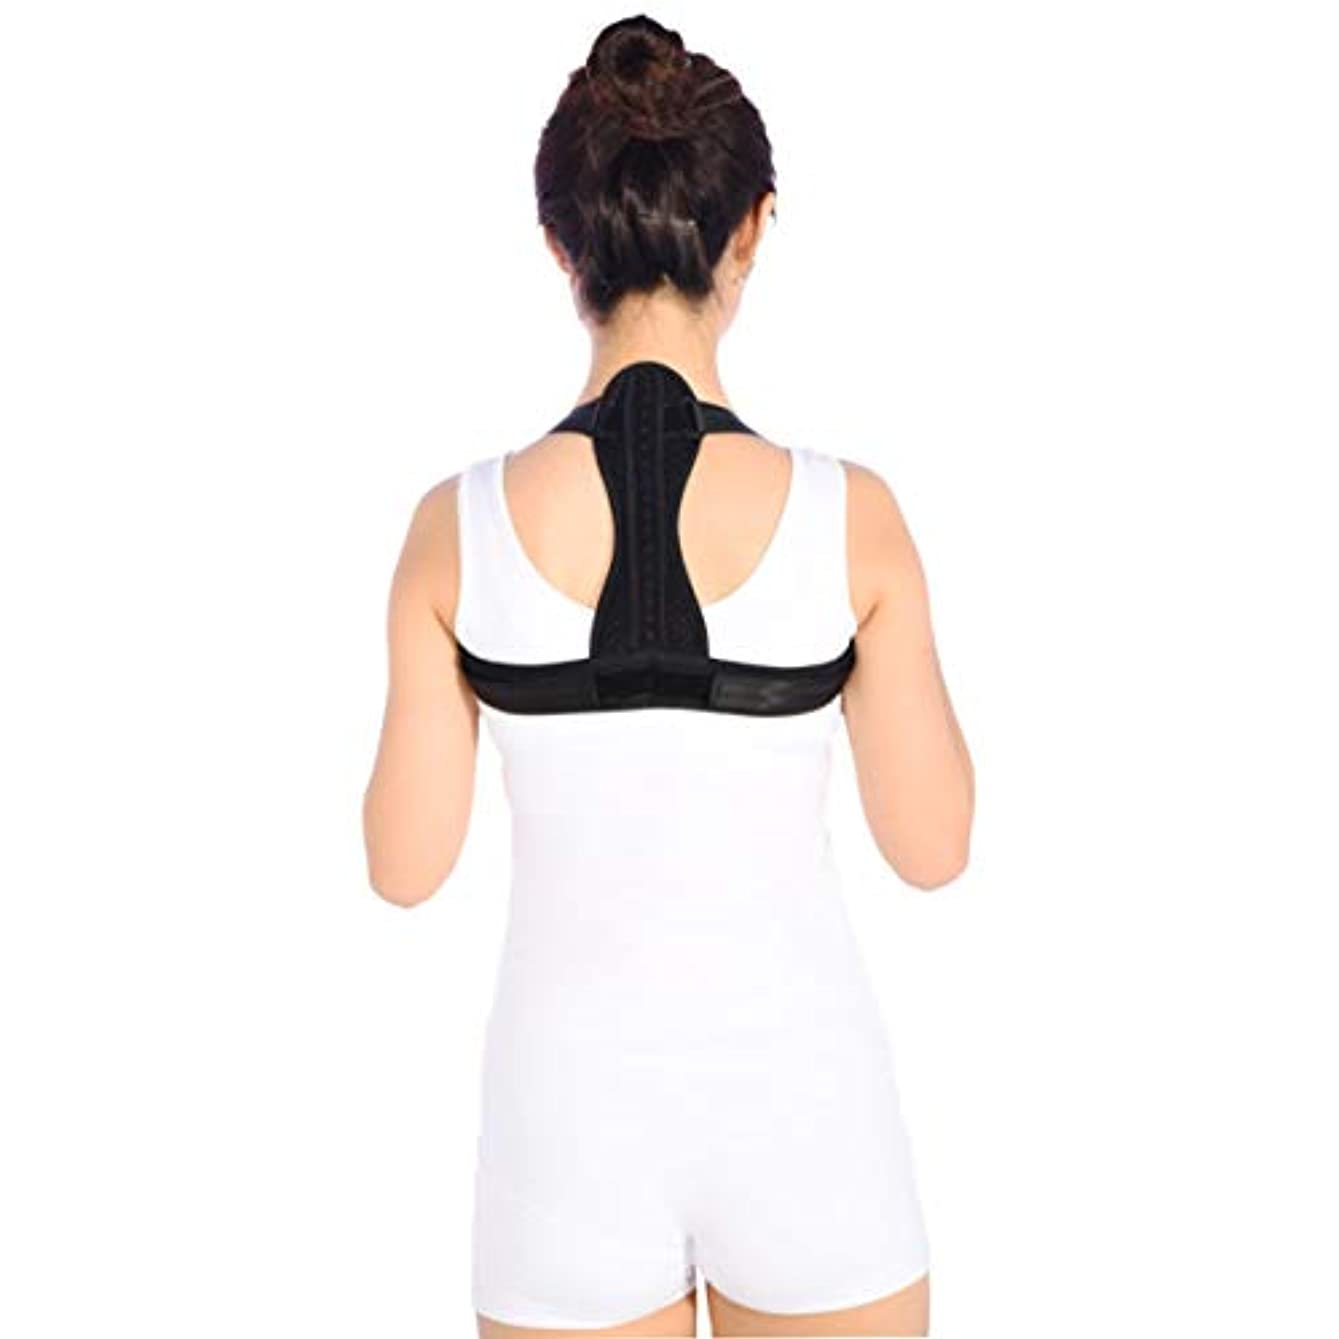 マトリックス失速ナース通気性の脊柱側弯症ザトウクジラ補正ベルト調節可能な快適さ目に見えないベルト男性女性大人学生子供 - 黒